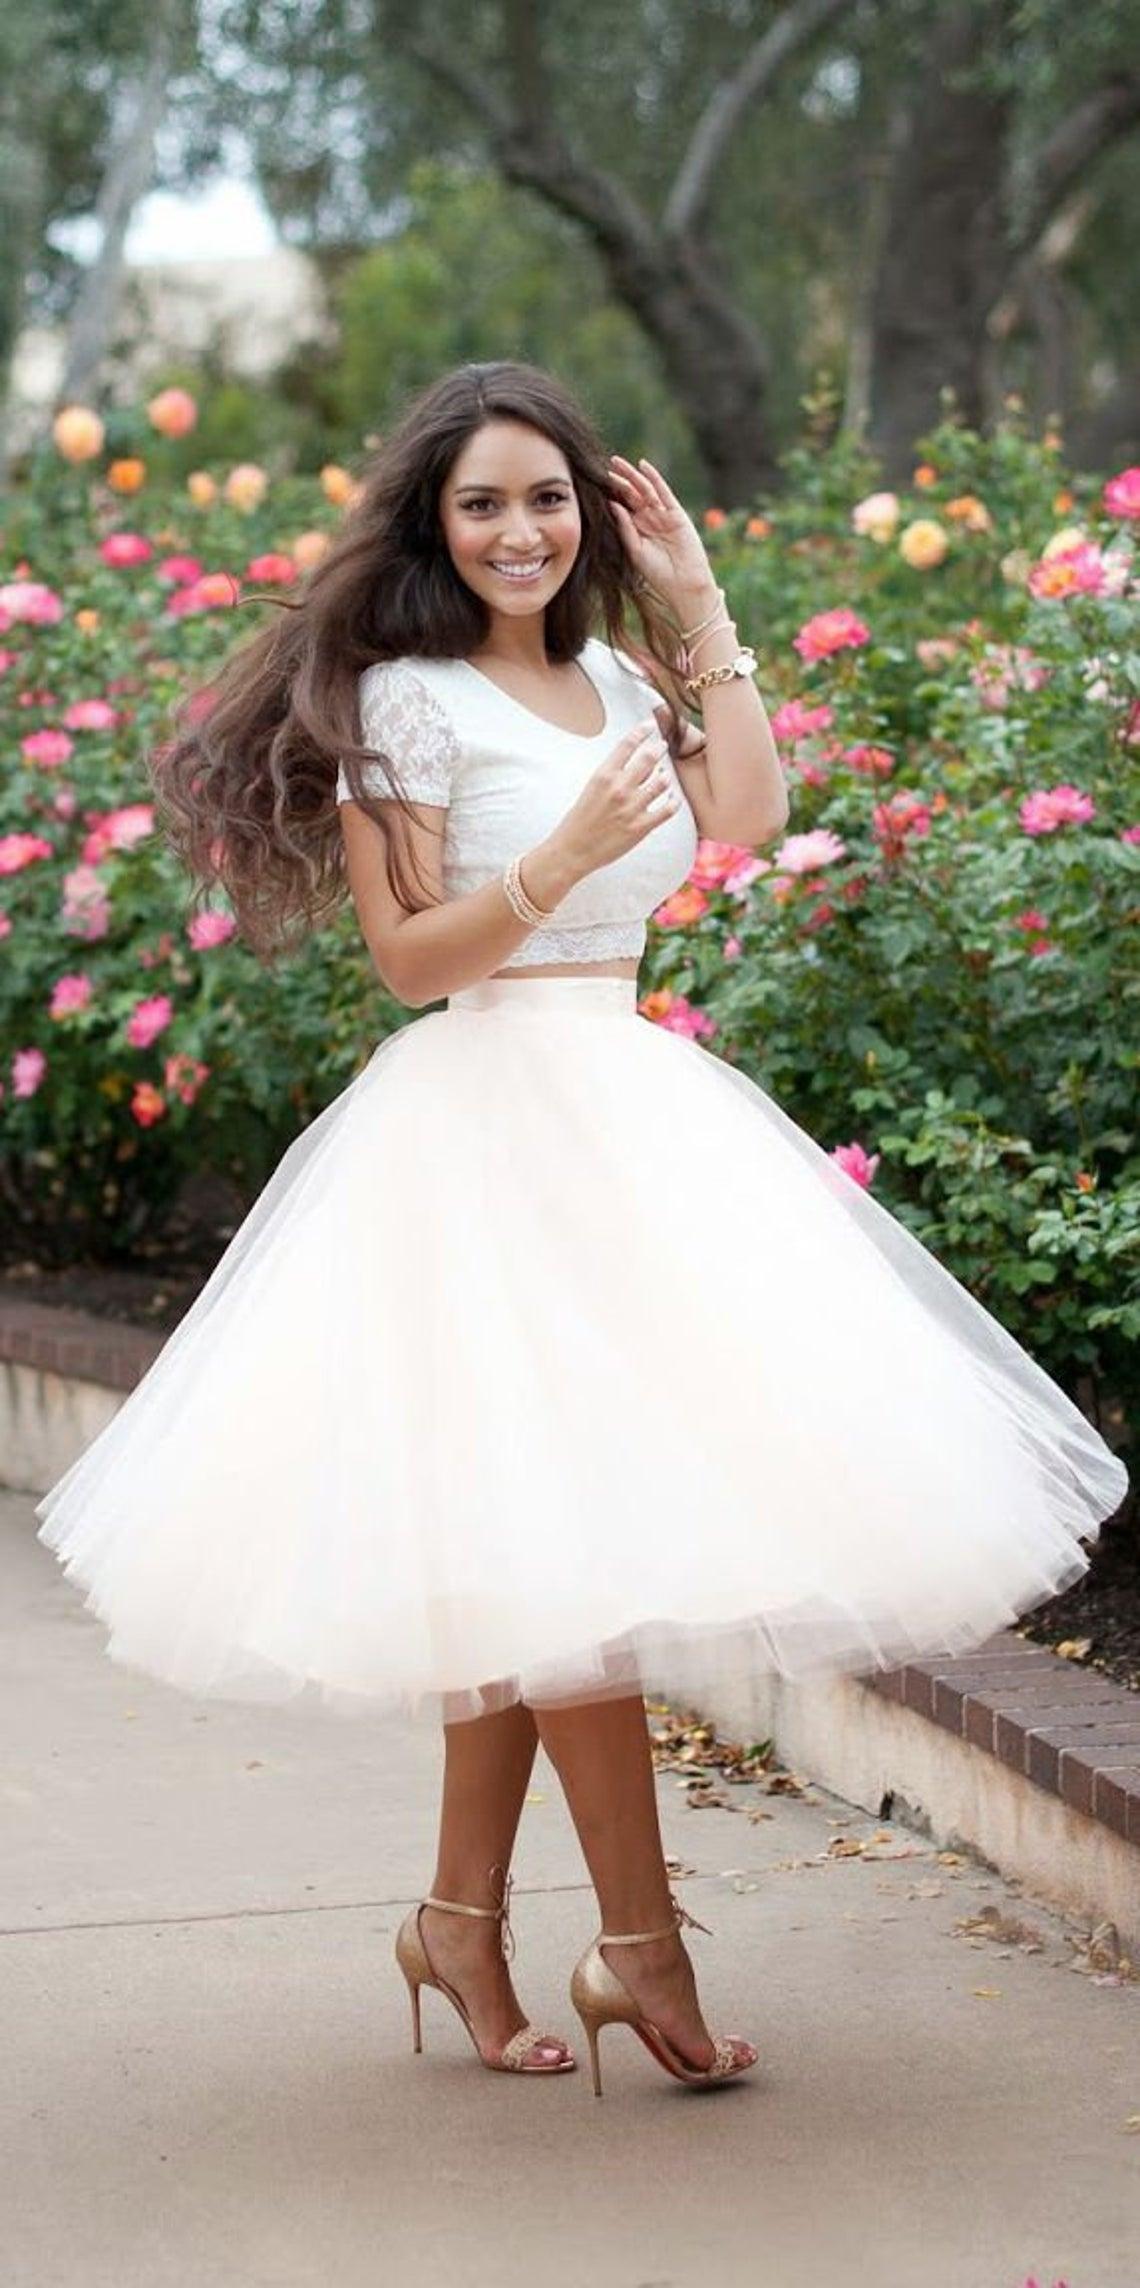 Full skirt,Wedding skirt,High waisted skirt,Bridal skirt,Ballet tutu,Tutu skirt for women,Tulle wedding skirt,White tulle skirt